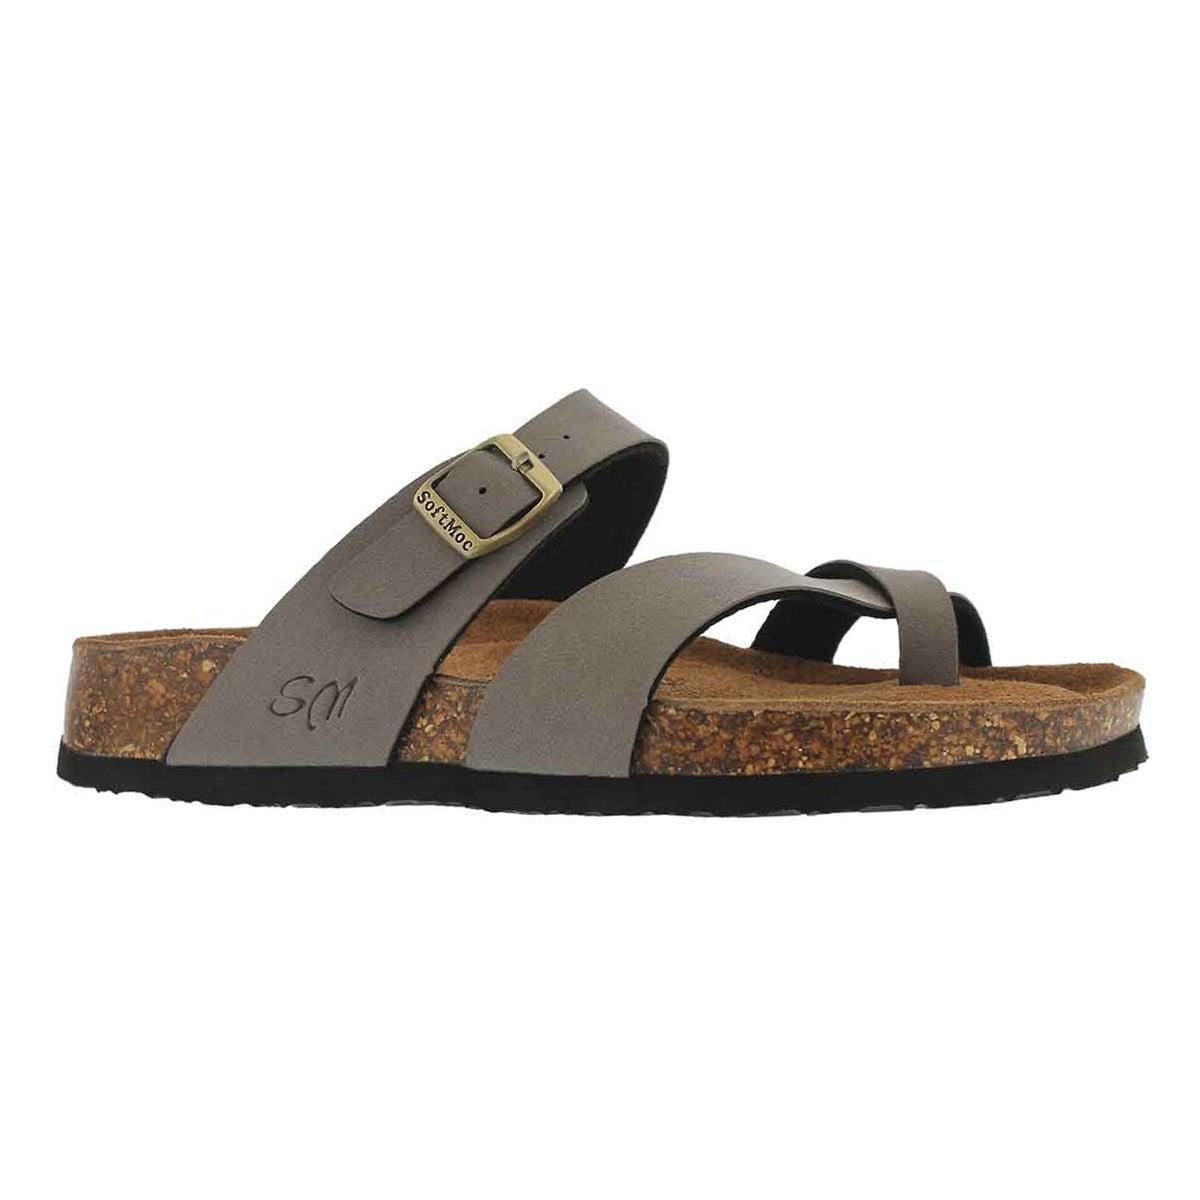 Women's ALICIA 5 PU taupe memory foam sandals